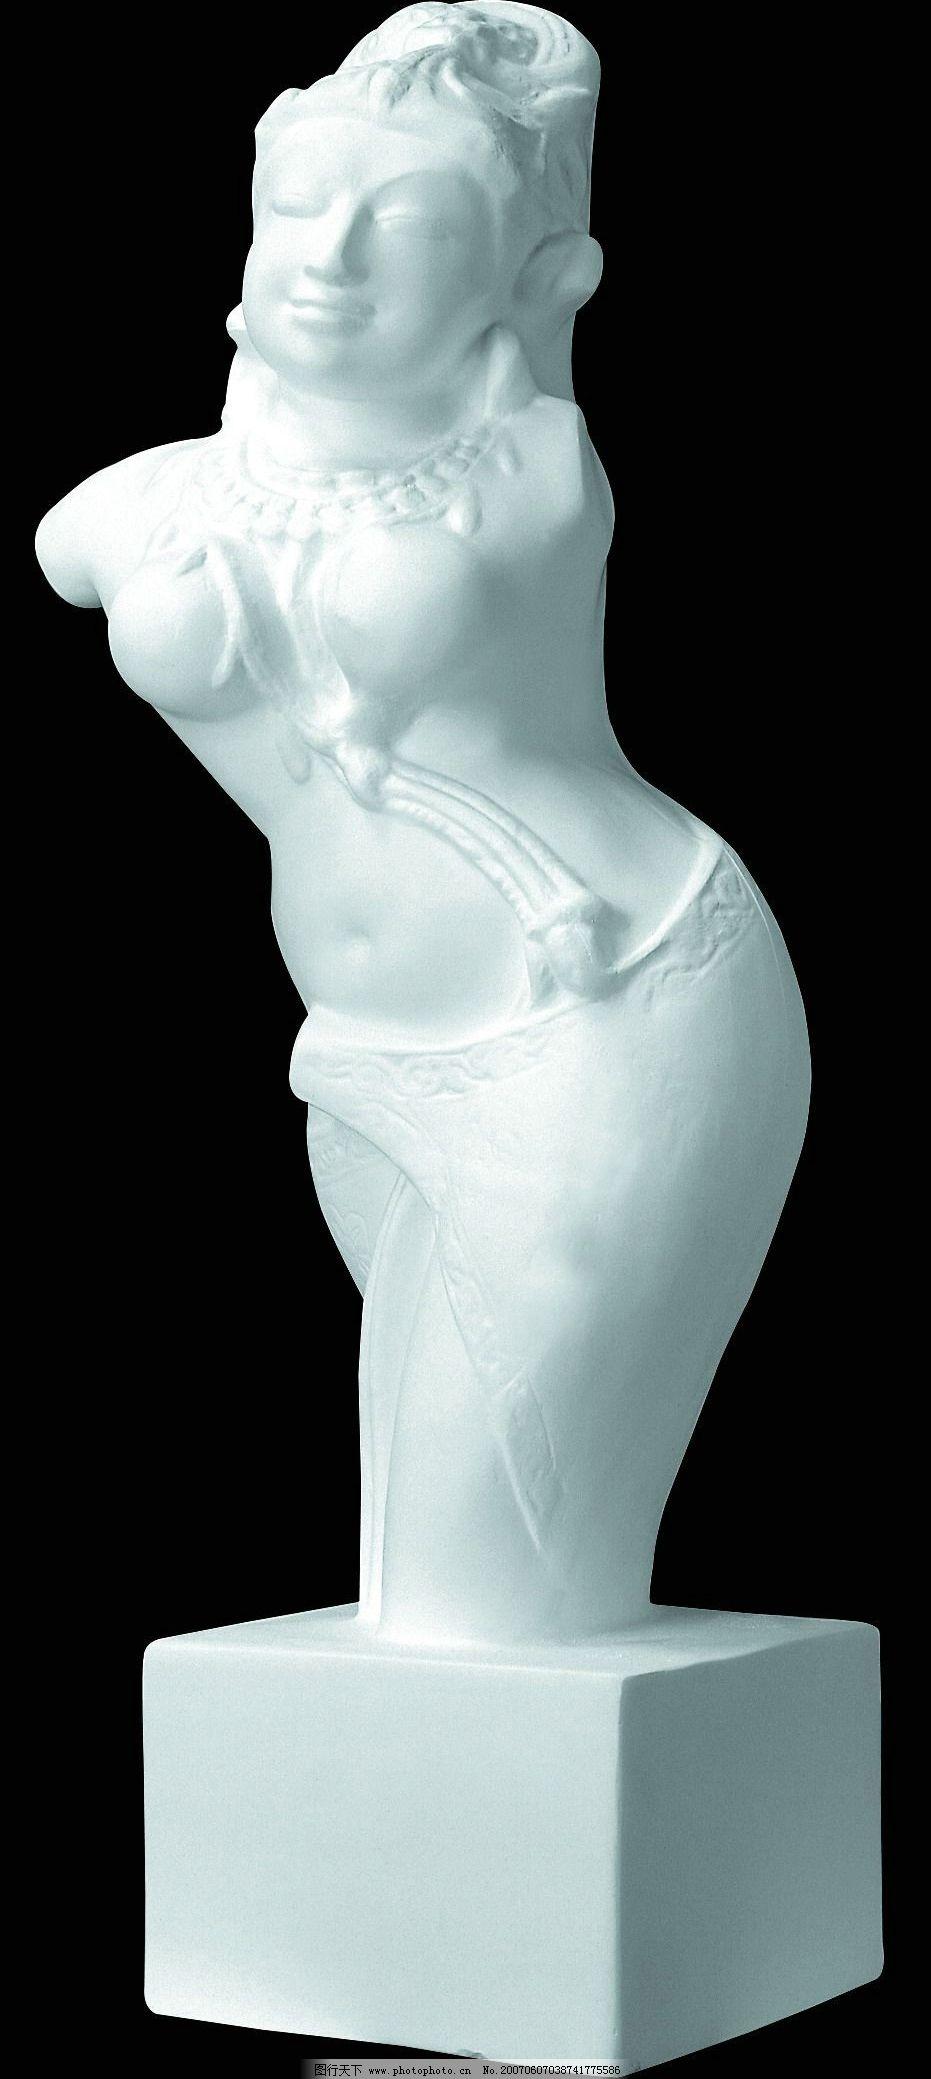 雕塑 艺术 美术 手工艺 手工艺术 文化艺术 美术绘画 雕塑浮雕 摄影